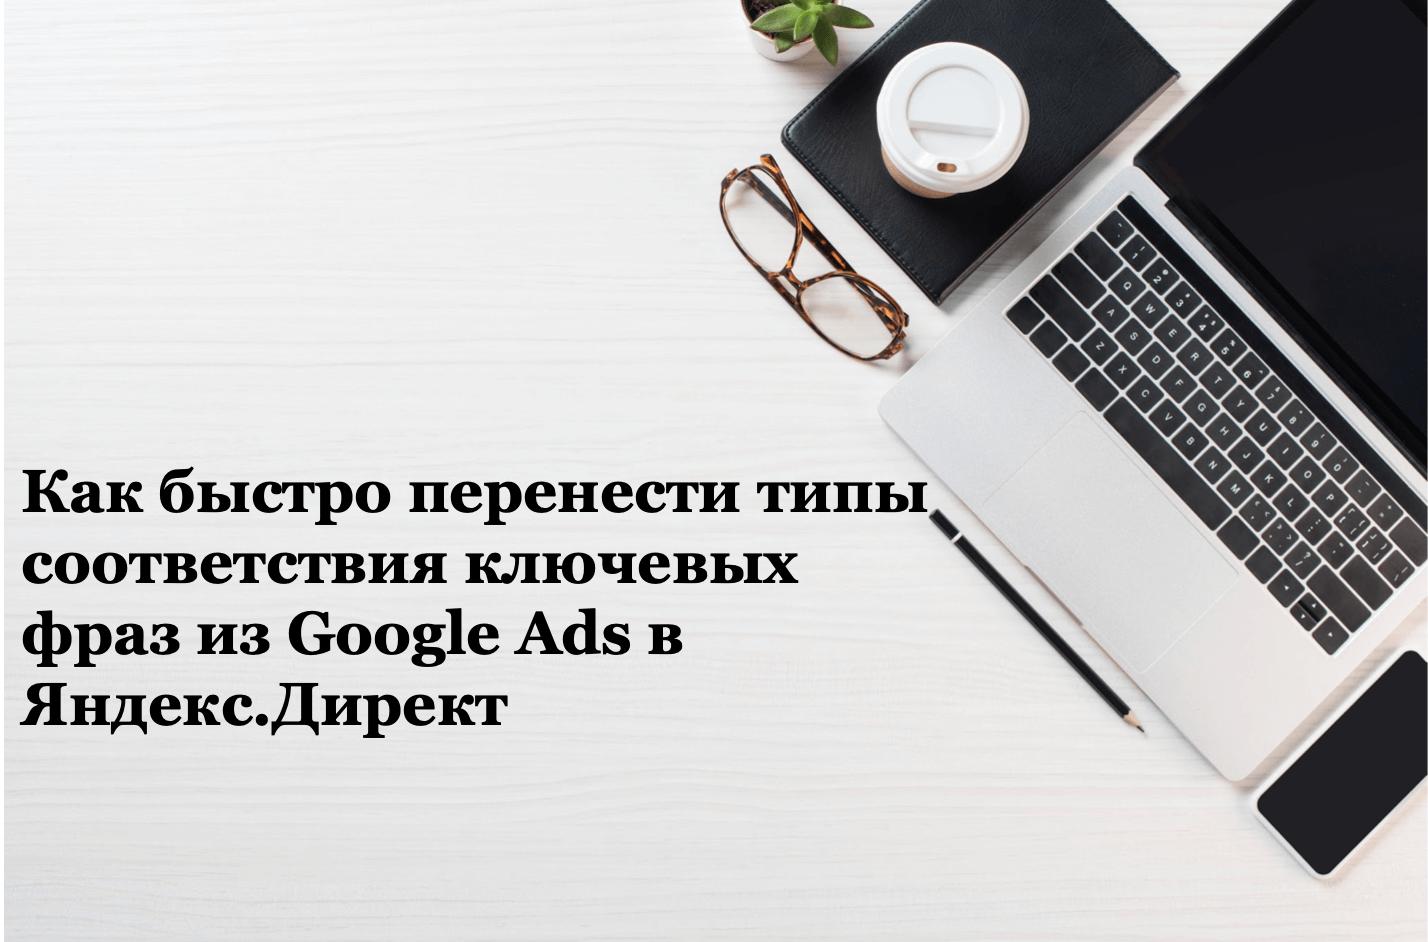 Как быстро перенести типы соответствия ключевых фраз из Google Ads в Яндекс.Директ